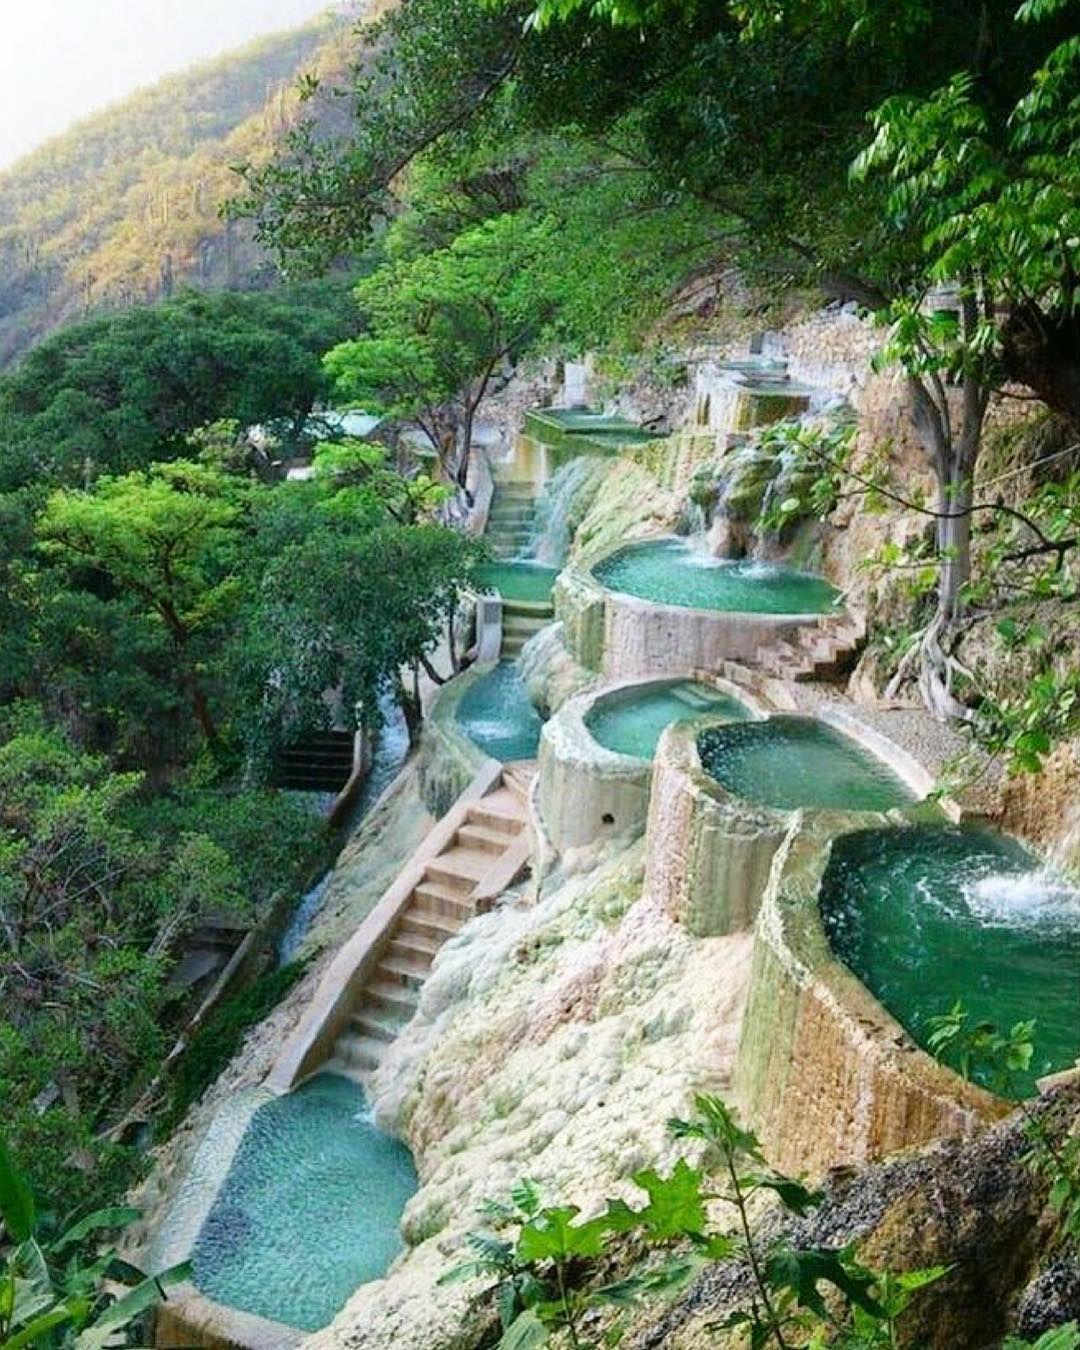 Grutas De Tolantongo Hot Springs, A Day Trip From